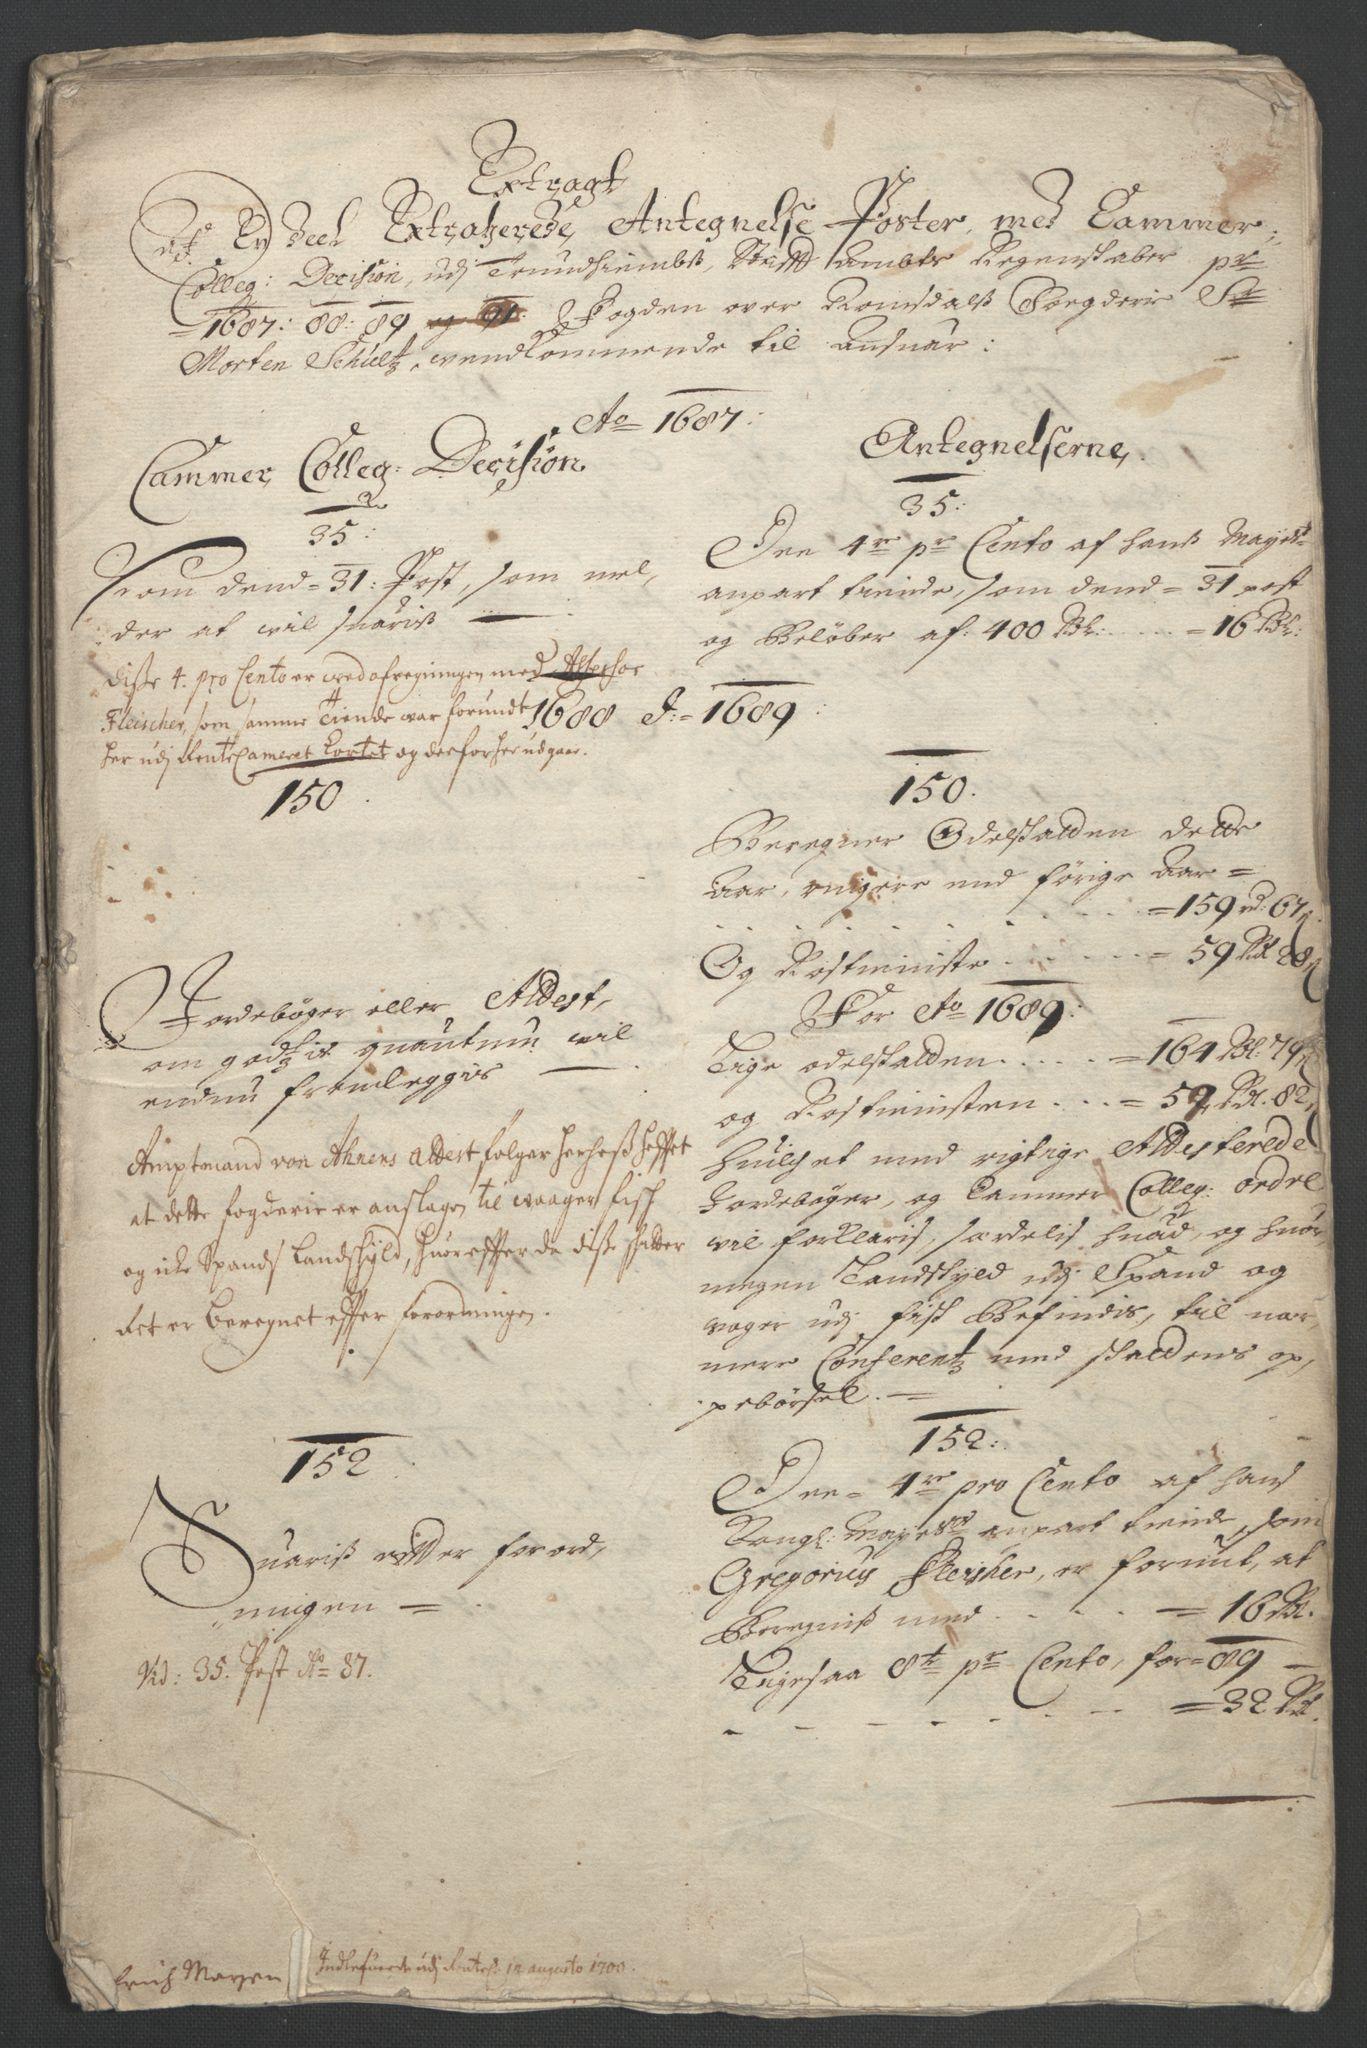 RA, Rentekammeret inntil 1814, Reviderte regnskaper, Fogderegnskap, R55/L3650: Fogderegnskap Romsdal, 1692, s. 221